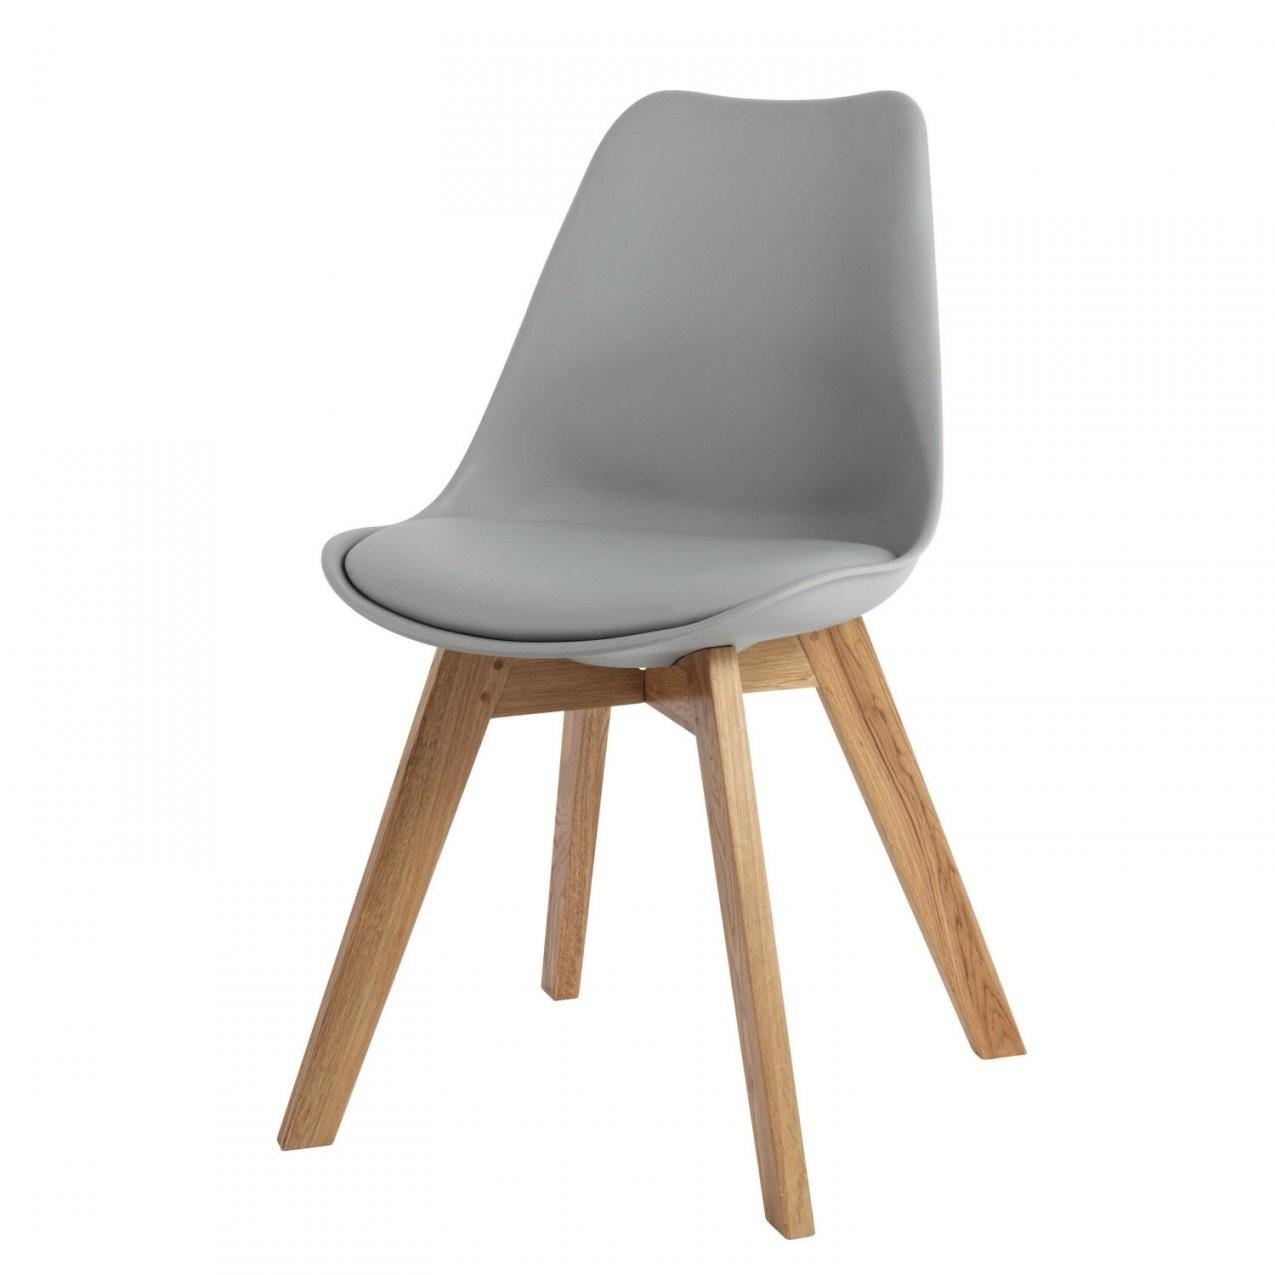 Grauer Skandinavischer Stuhl Mit Massiver Eiche Maisons Du Monde New von Stühle Skandinavischer Stil Photo